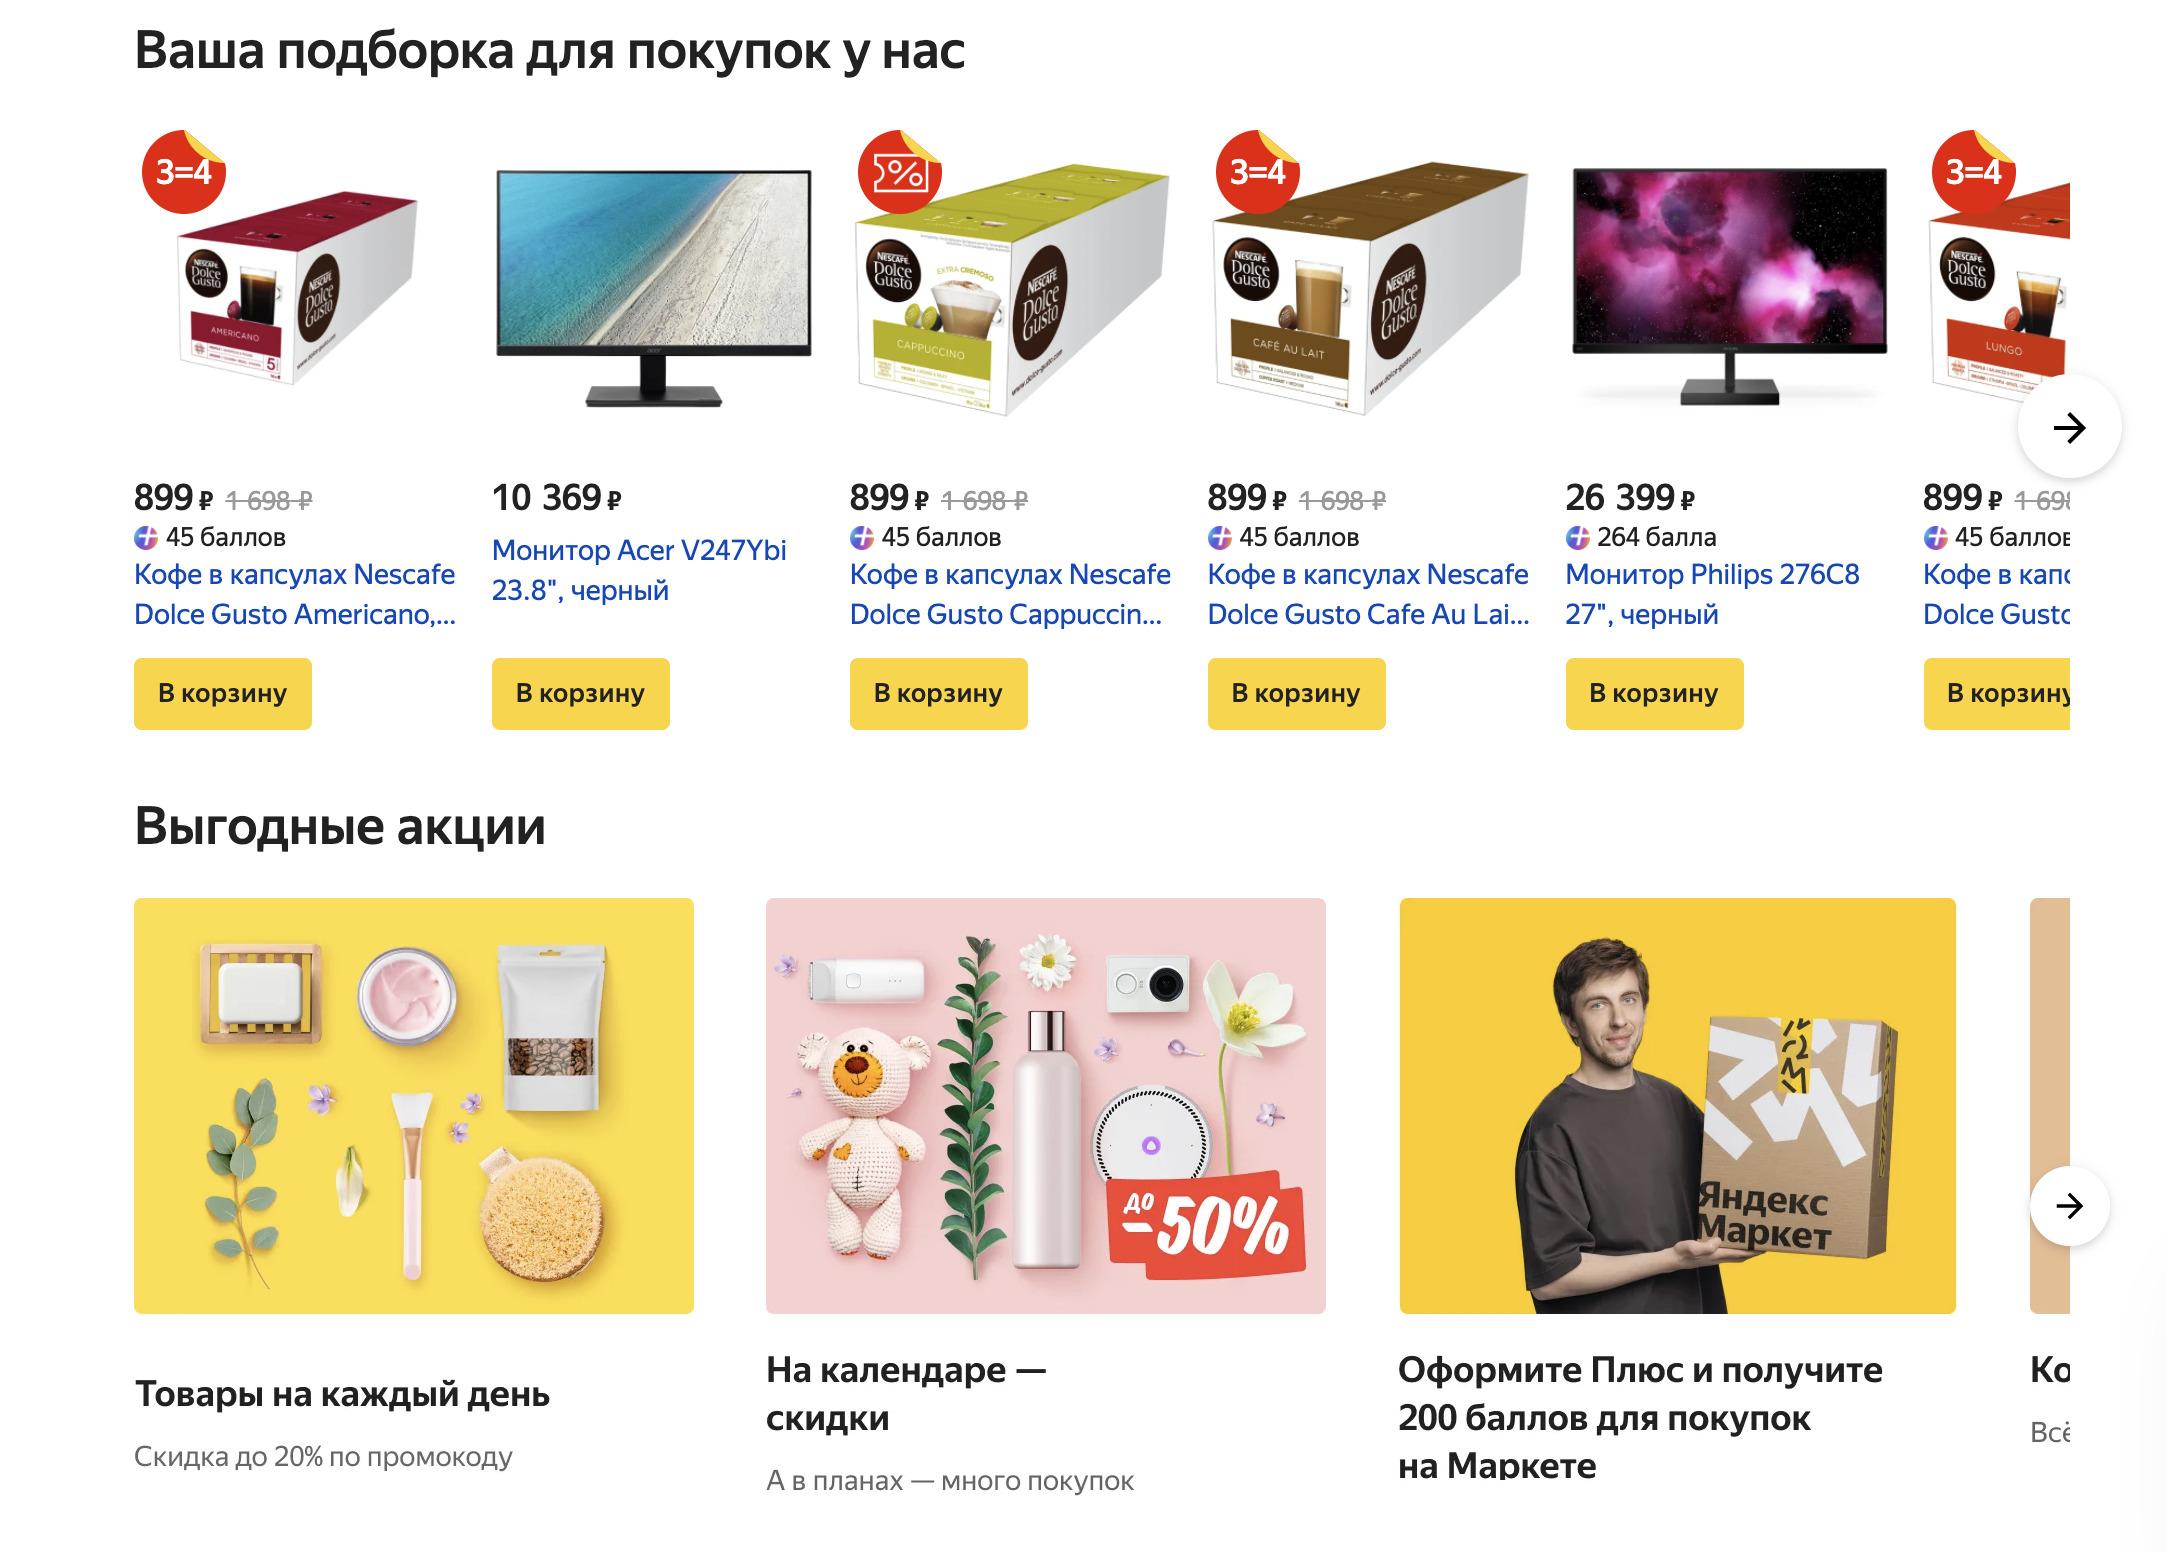 Доставка из Яндекс.Маркет в Якутск, сроки, пункты выдачи, каталог